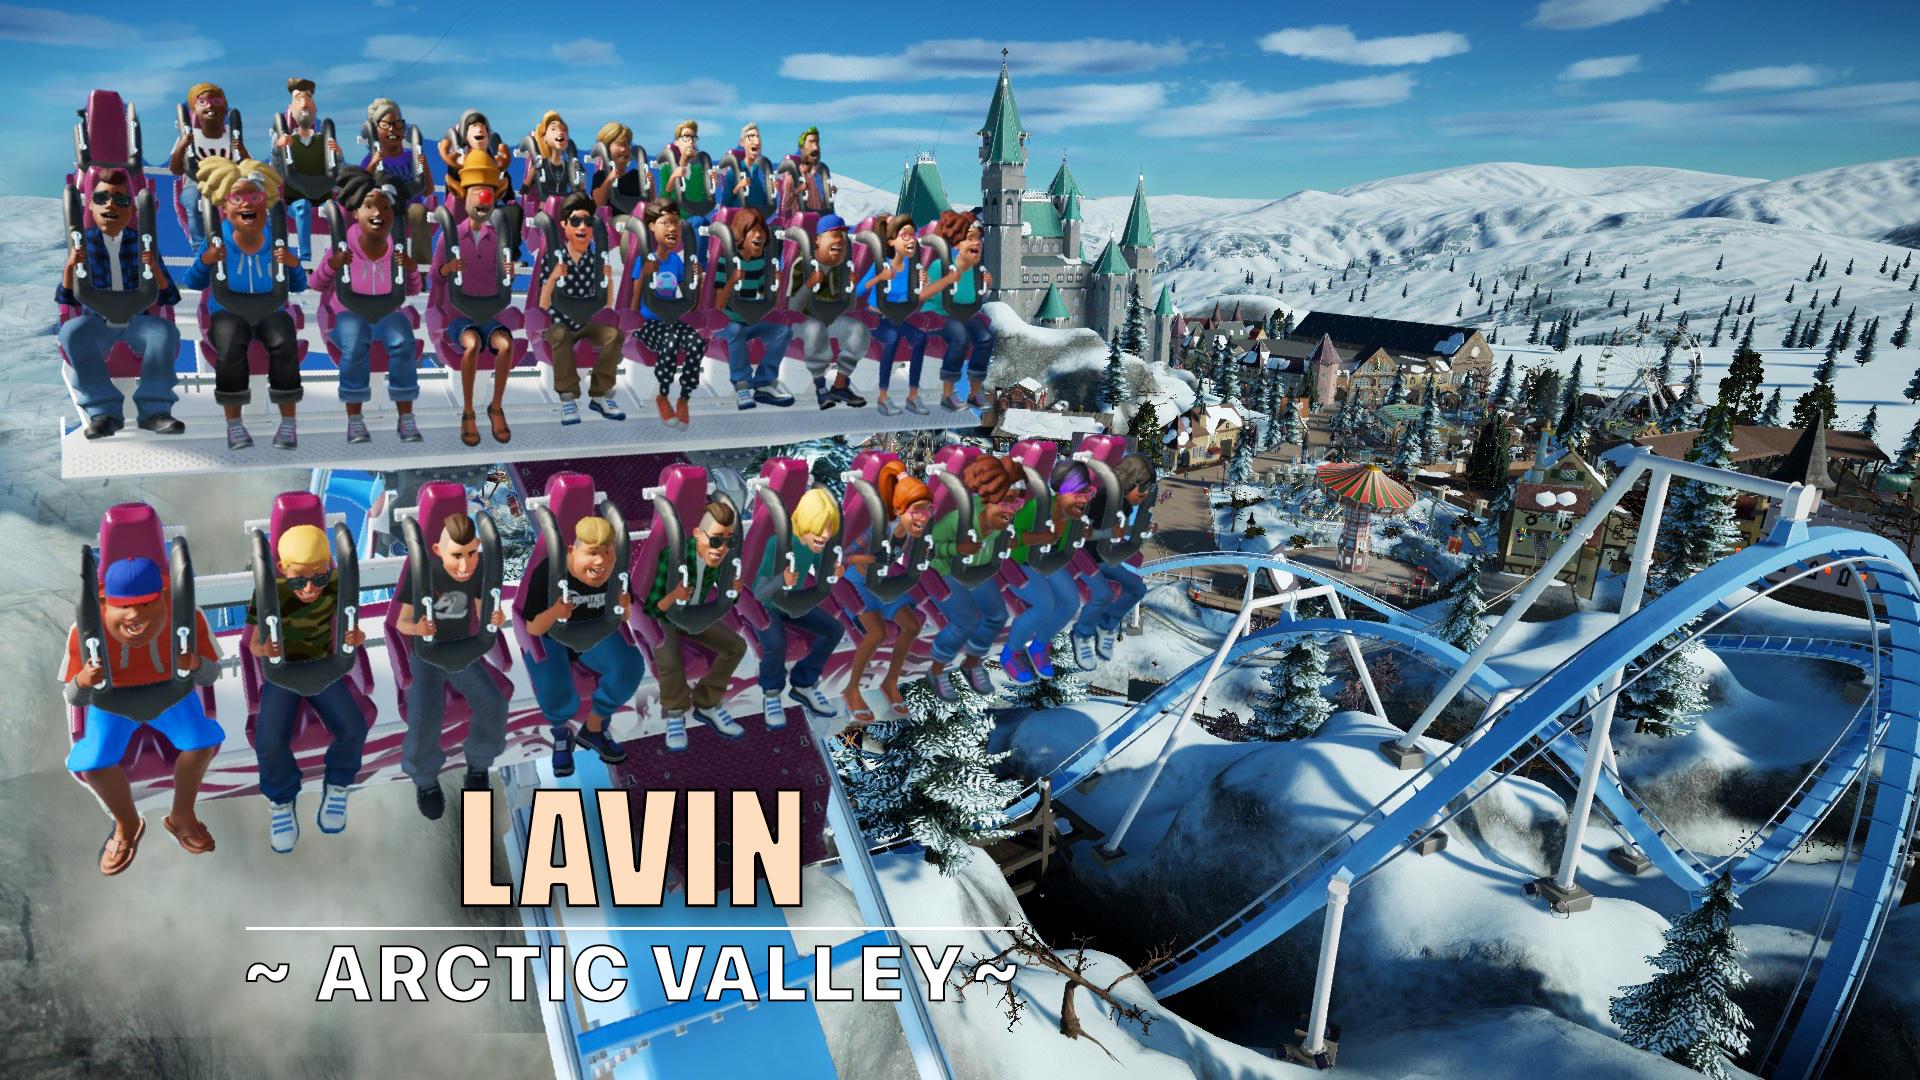 Lavin dive coaster